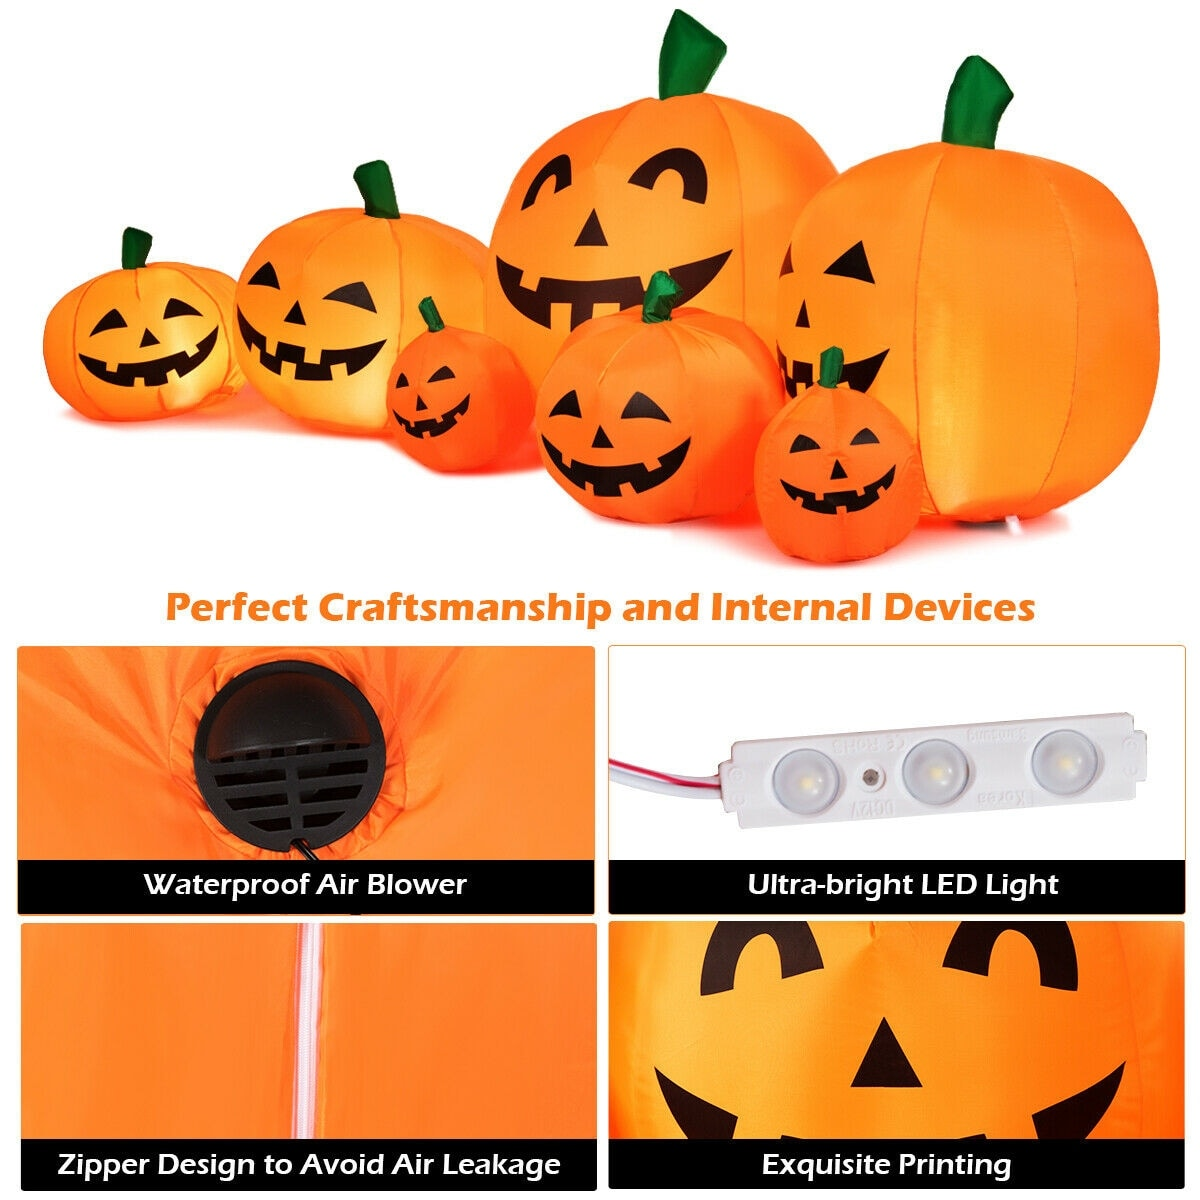 Gymax 7 5ft Inflatable Halloween Pumpkins Set 7 Pumpkins Patch W Overstock 29194958